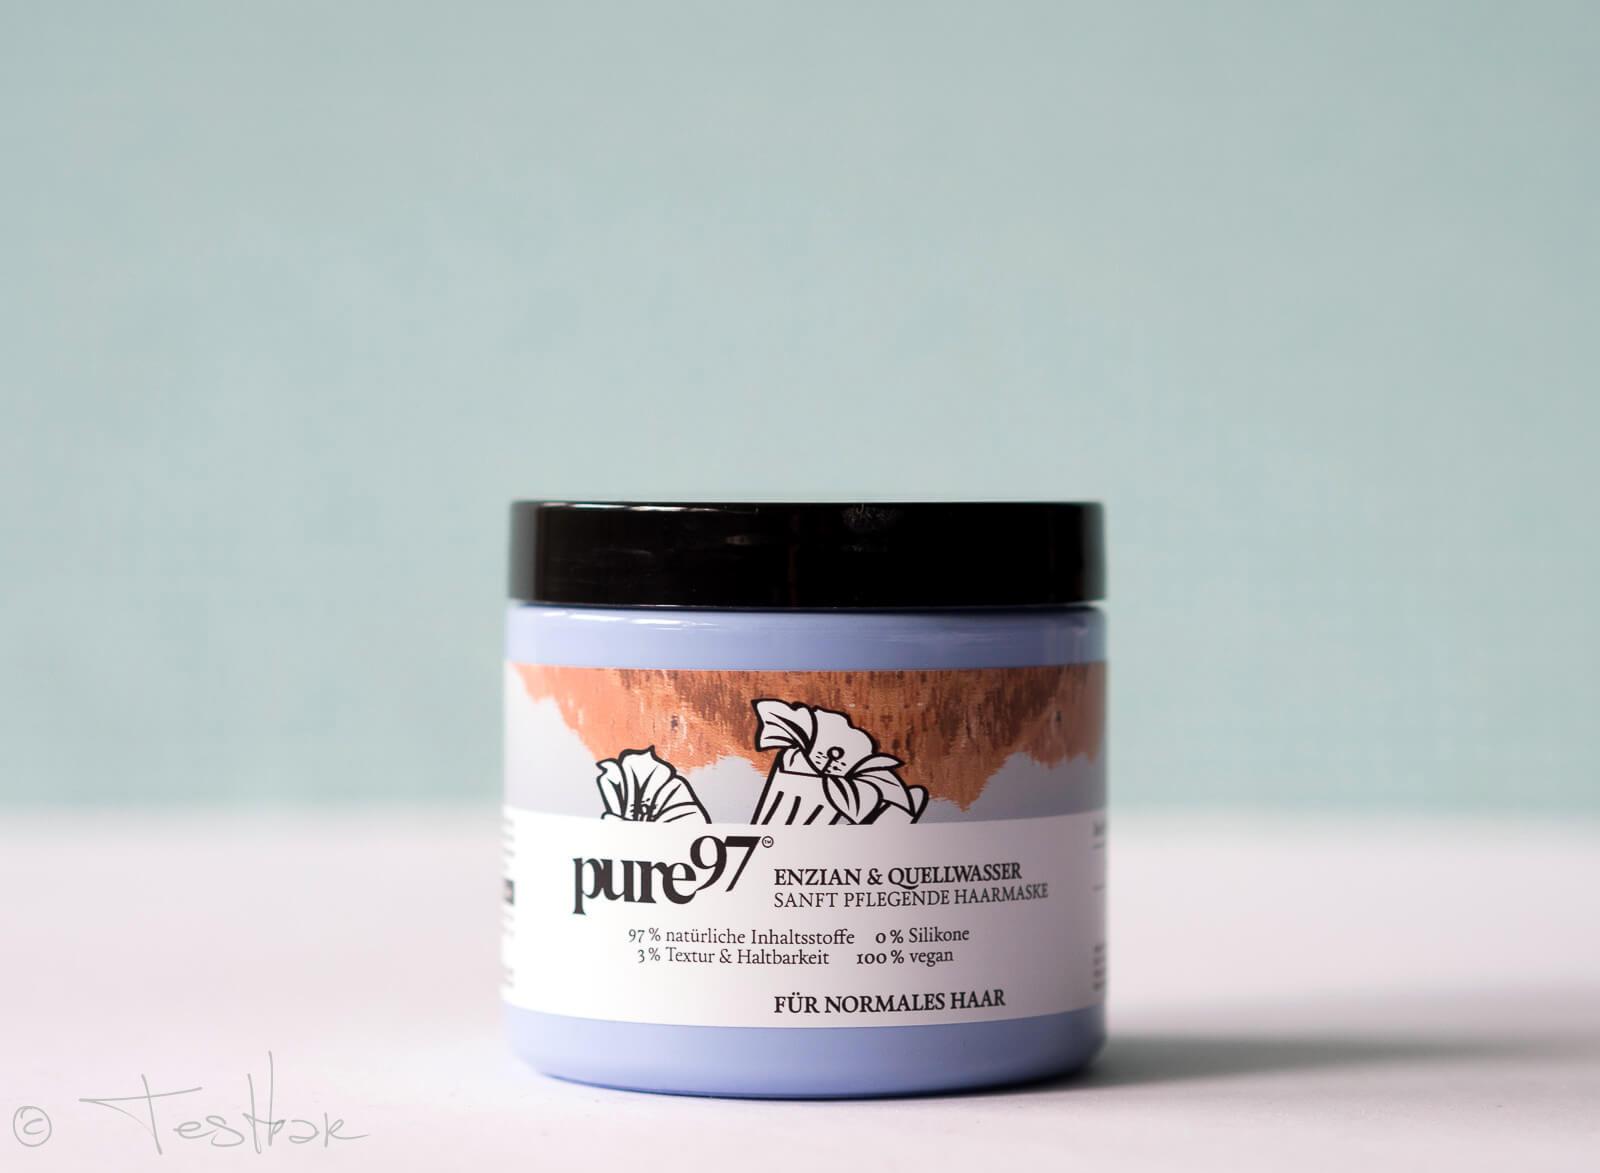 pure97 - Enzian & Quellwasser Haarmaske